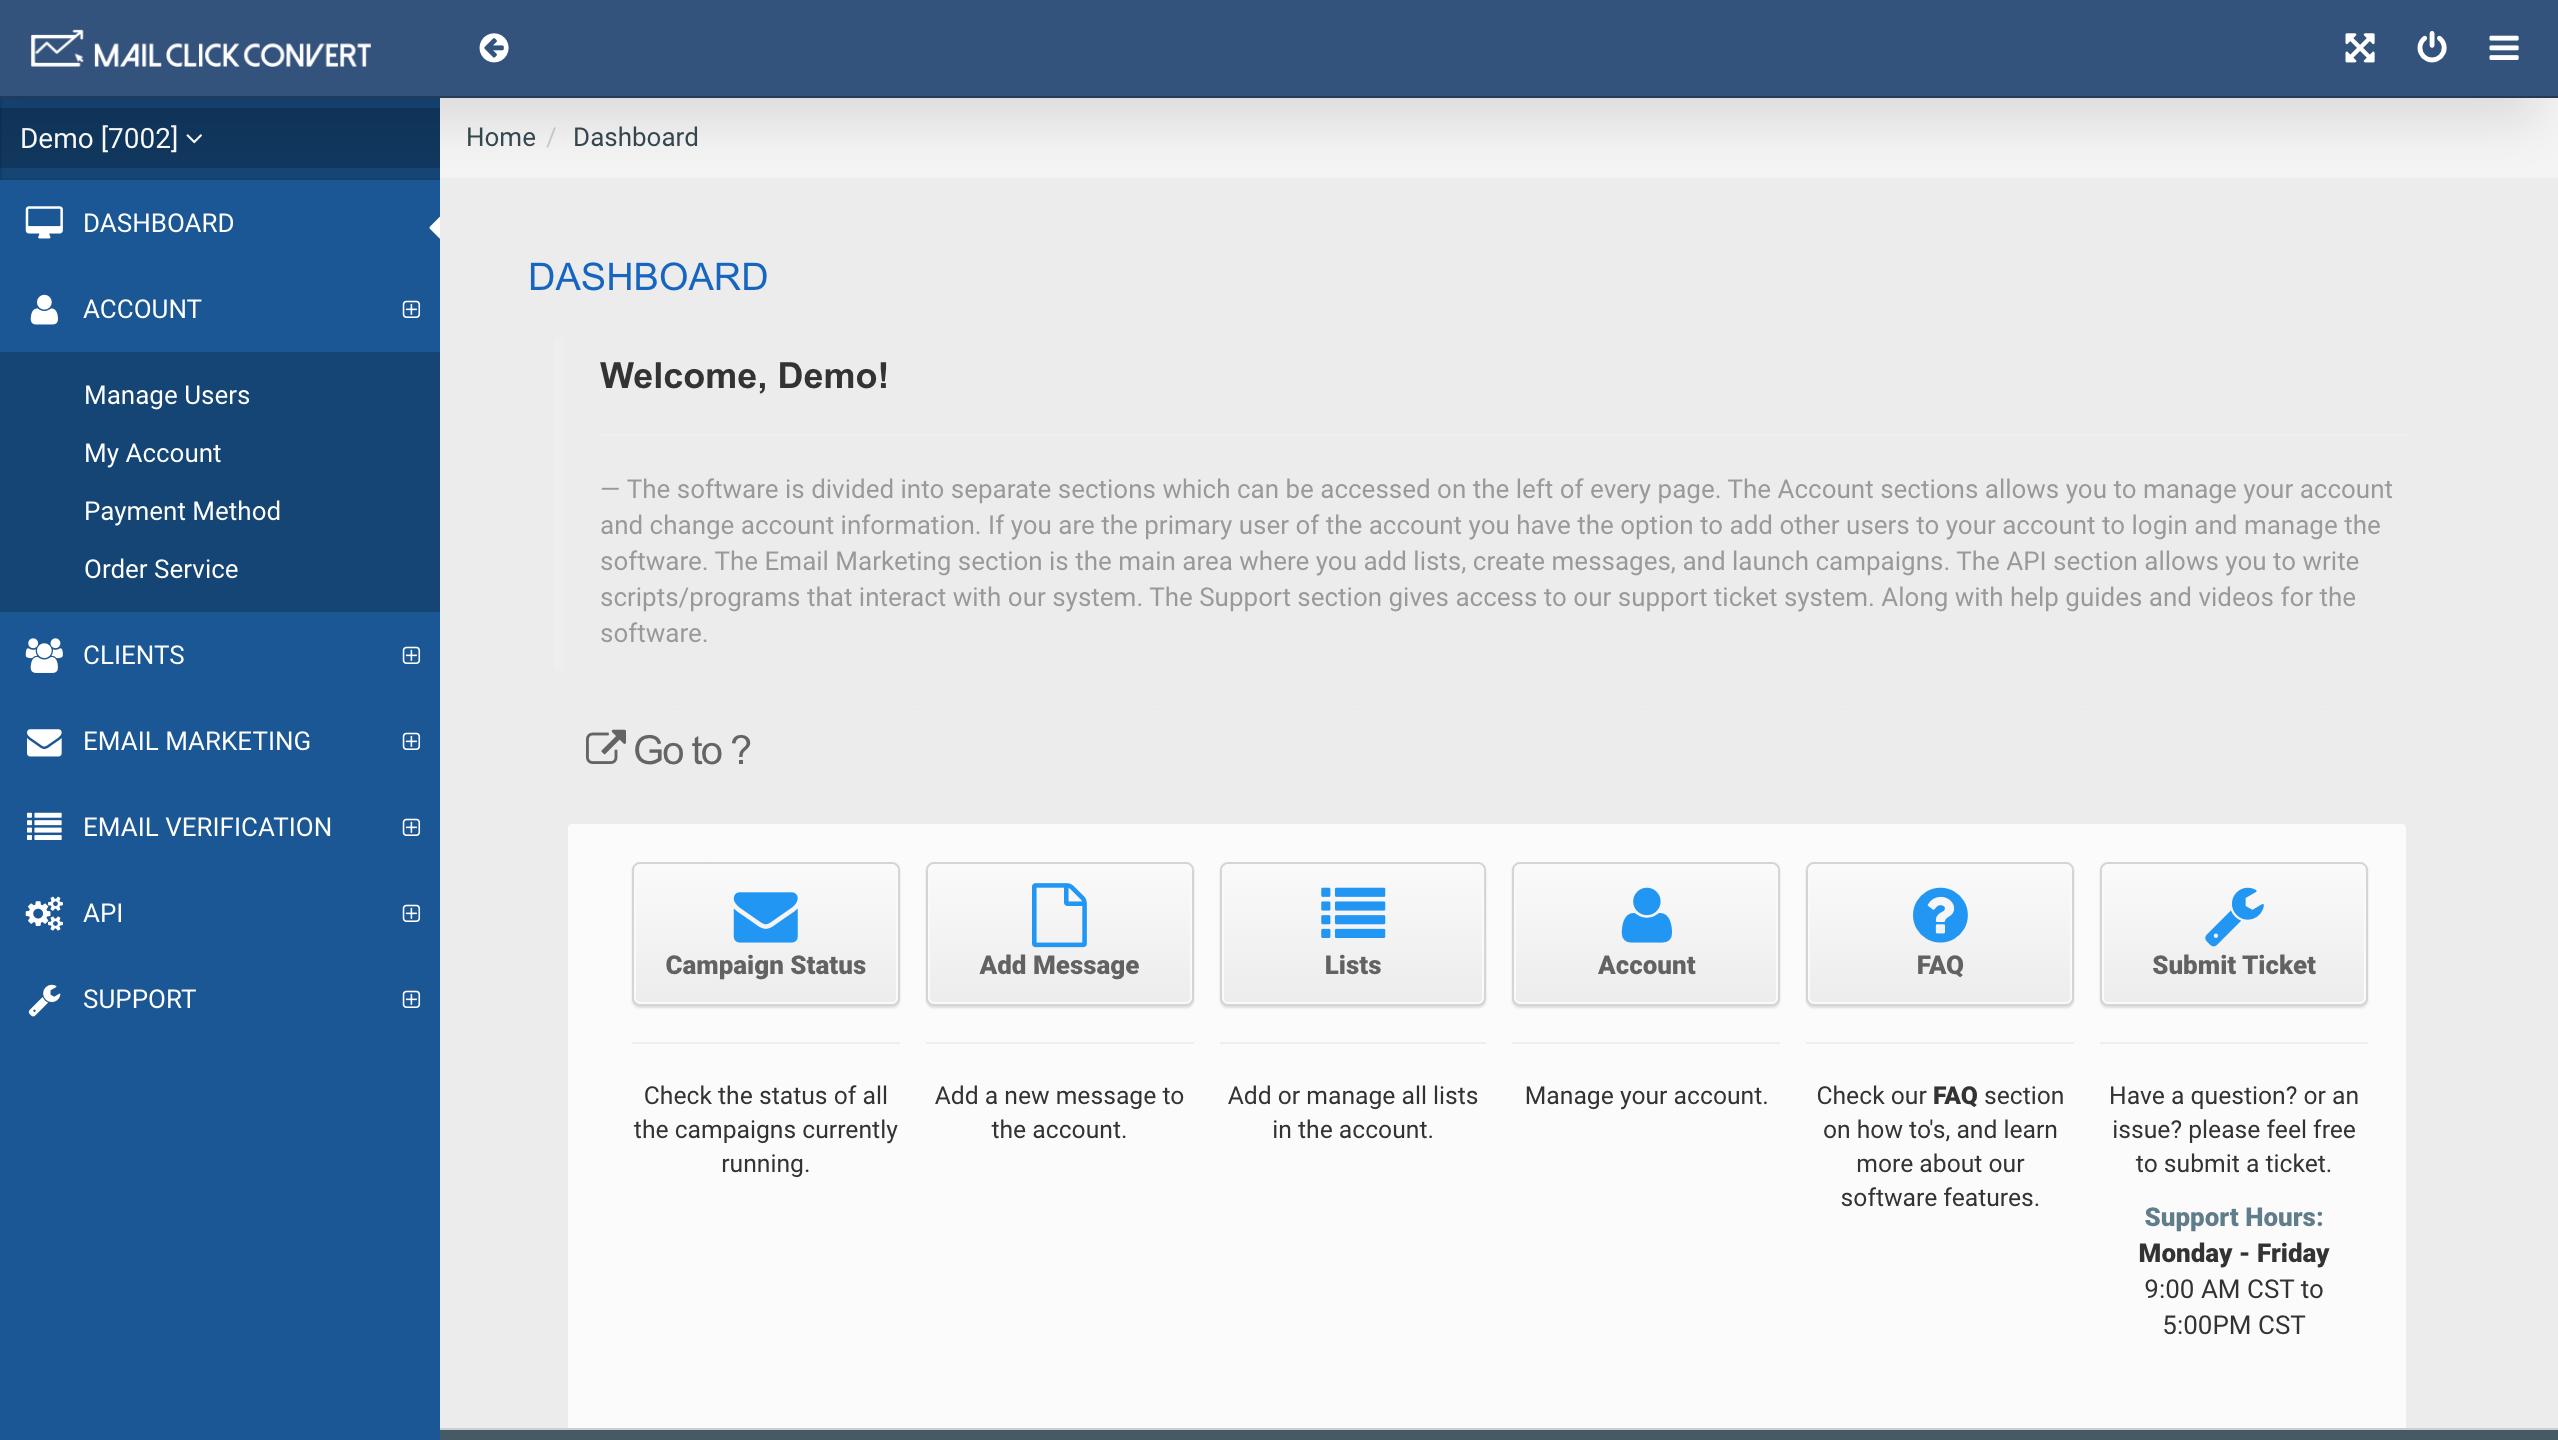 MailClickConvert Dashboard